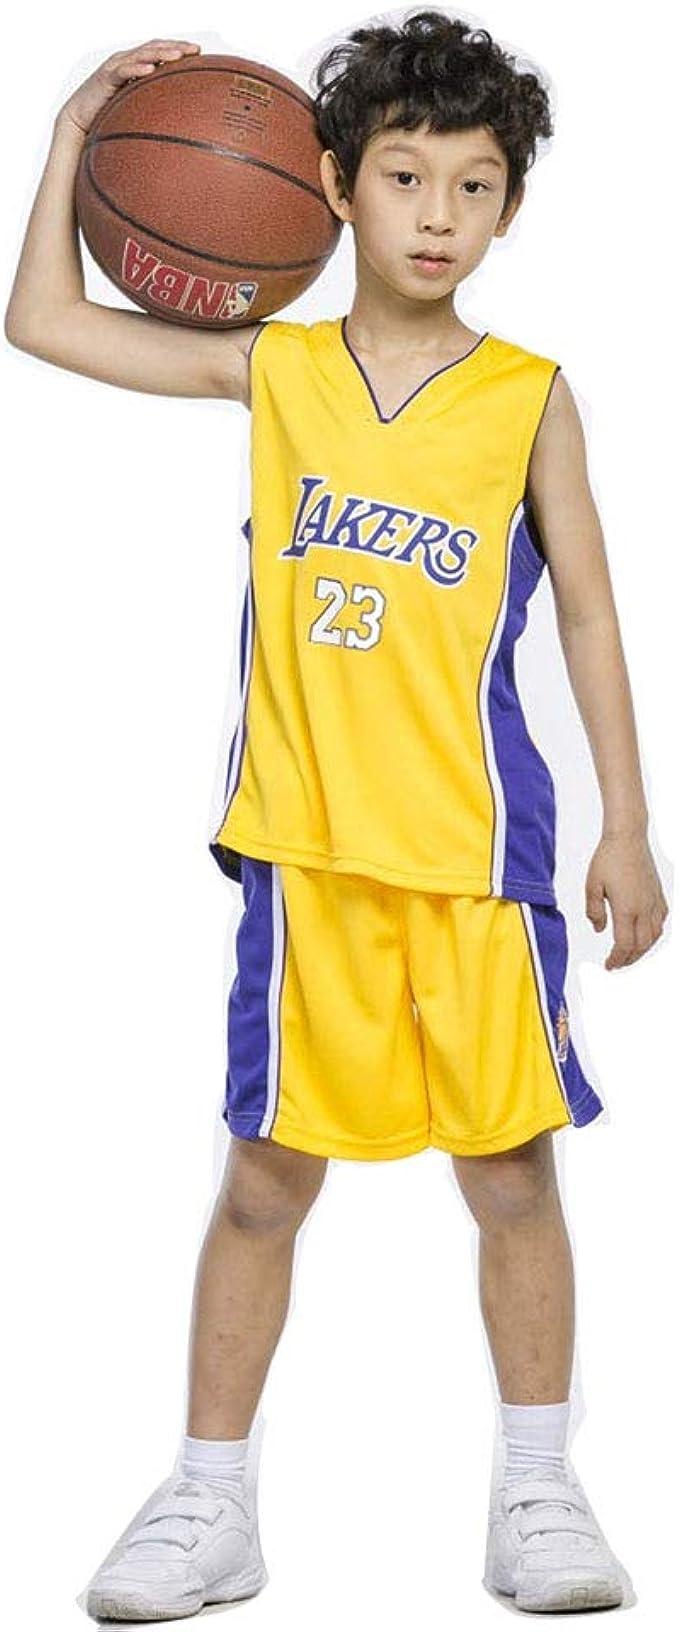 Amazon.com: V-mix 23#23#30 - Camiseta de baloncesto para ...